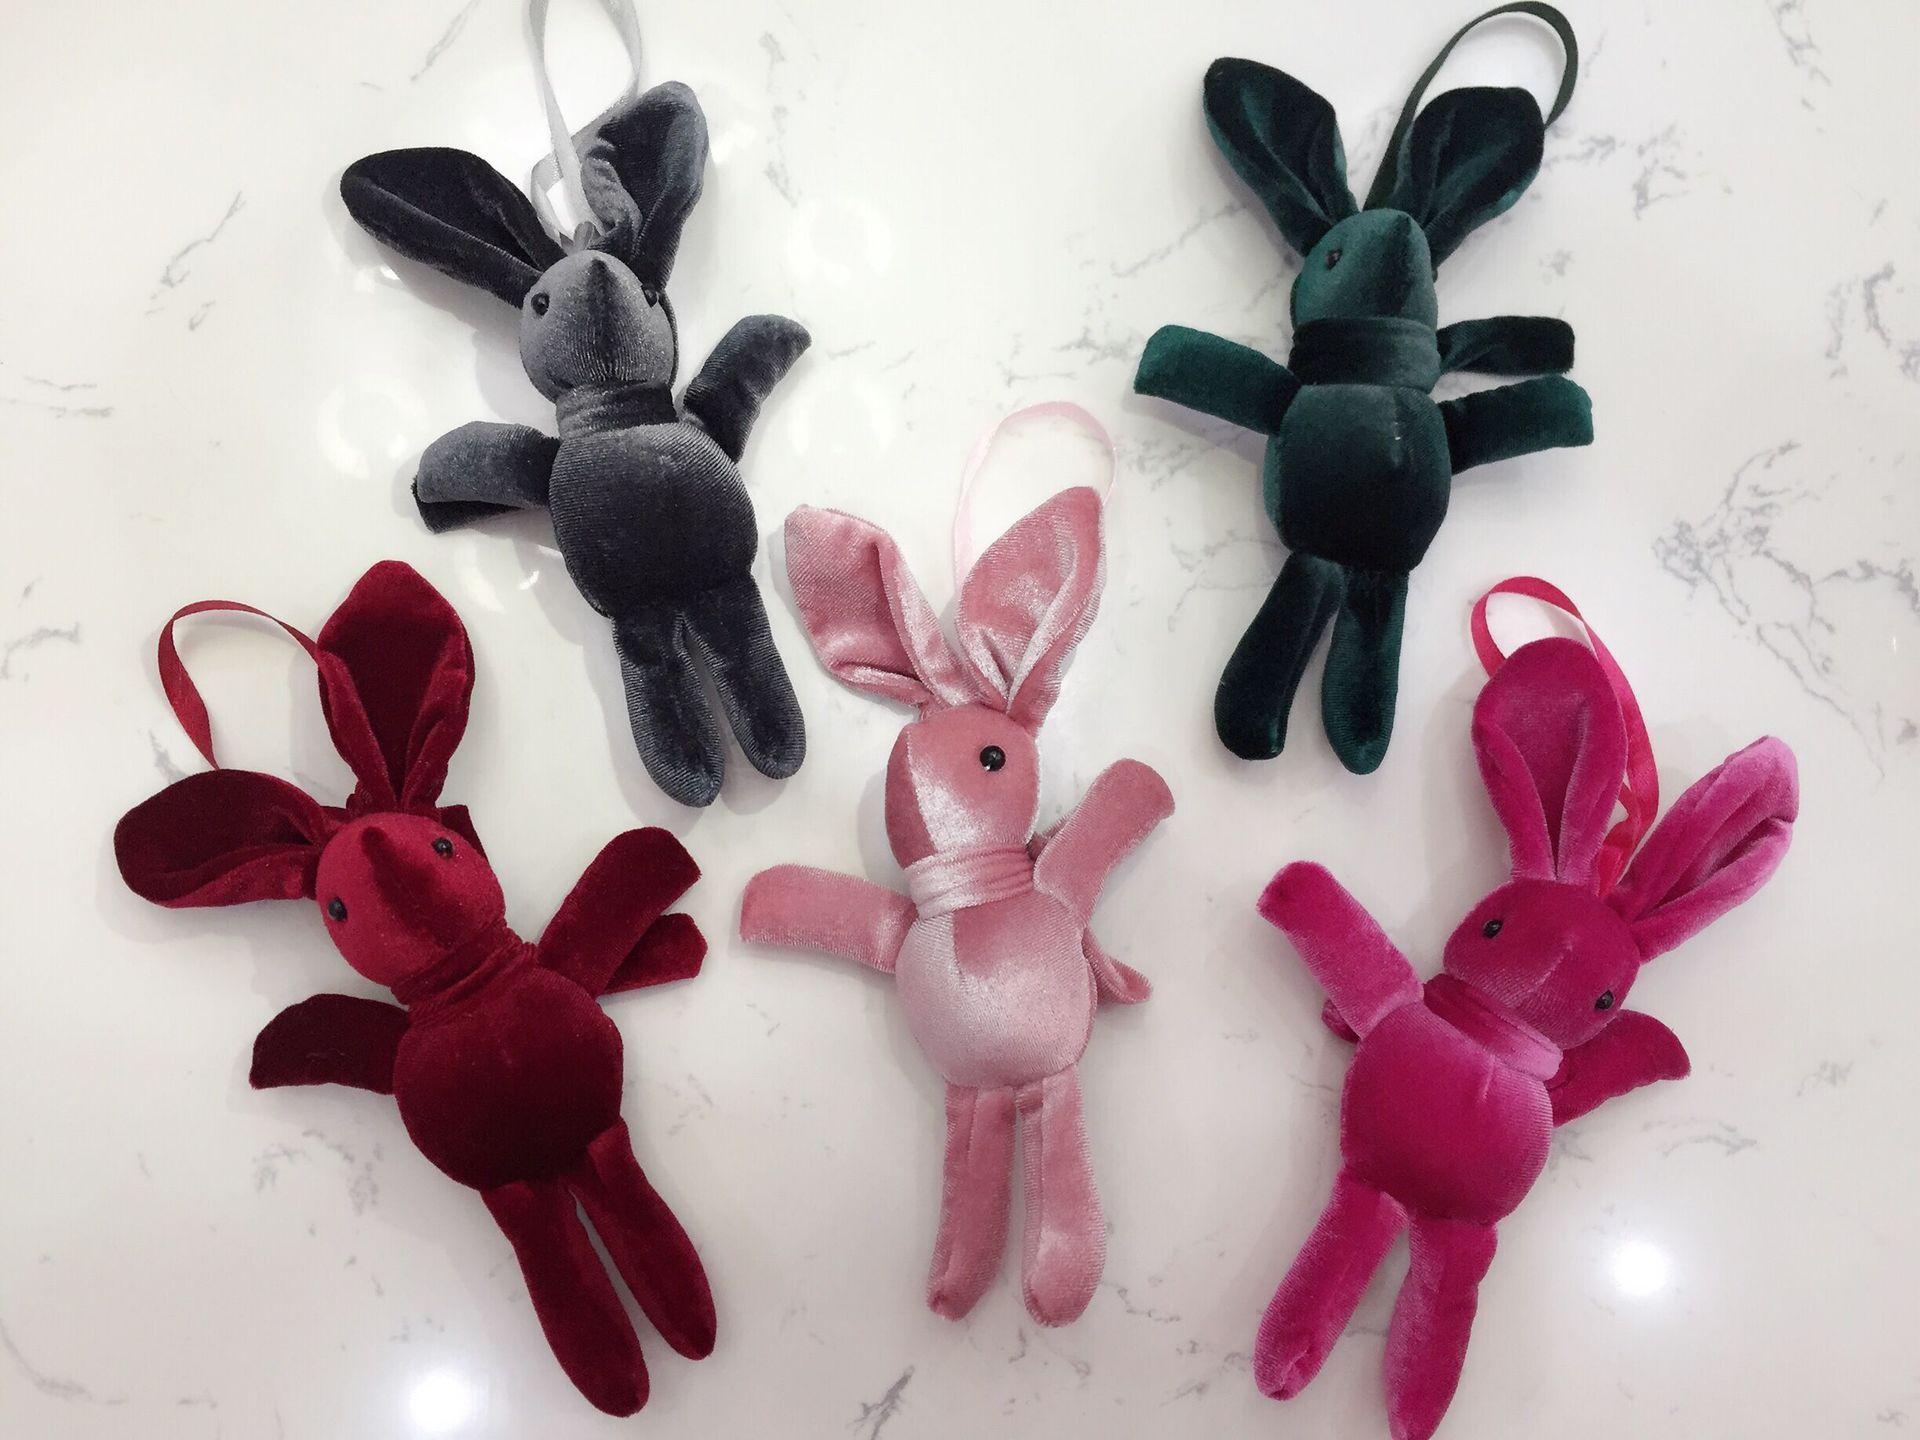 韩国绒许愿兔挂件兔公仔永生花束兔子娃娃配件毛绒玩具挂件包包挂